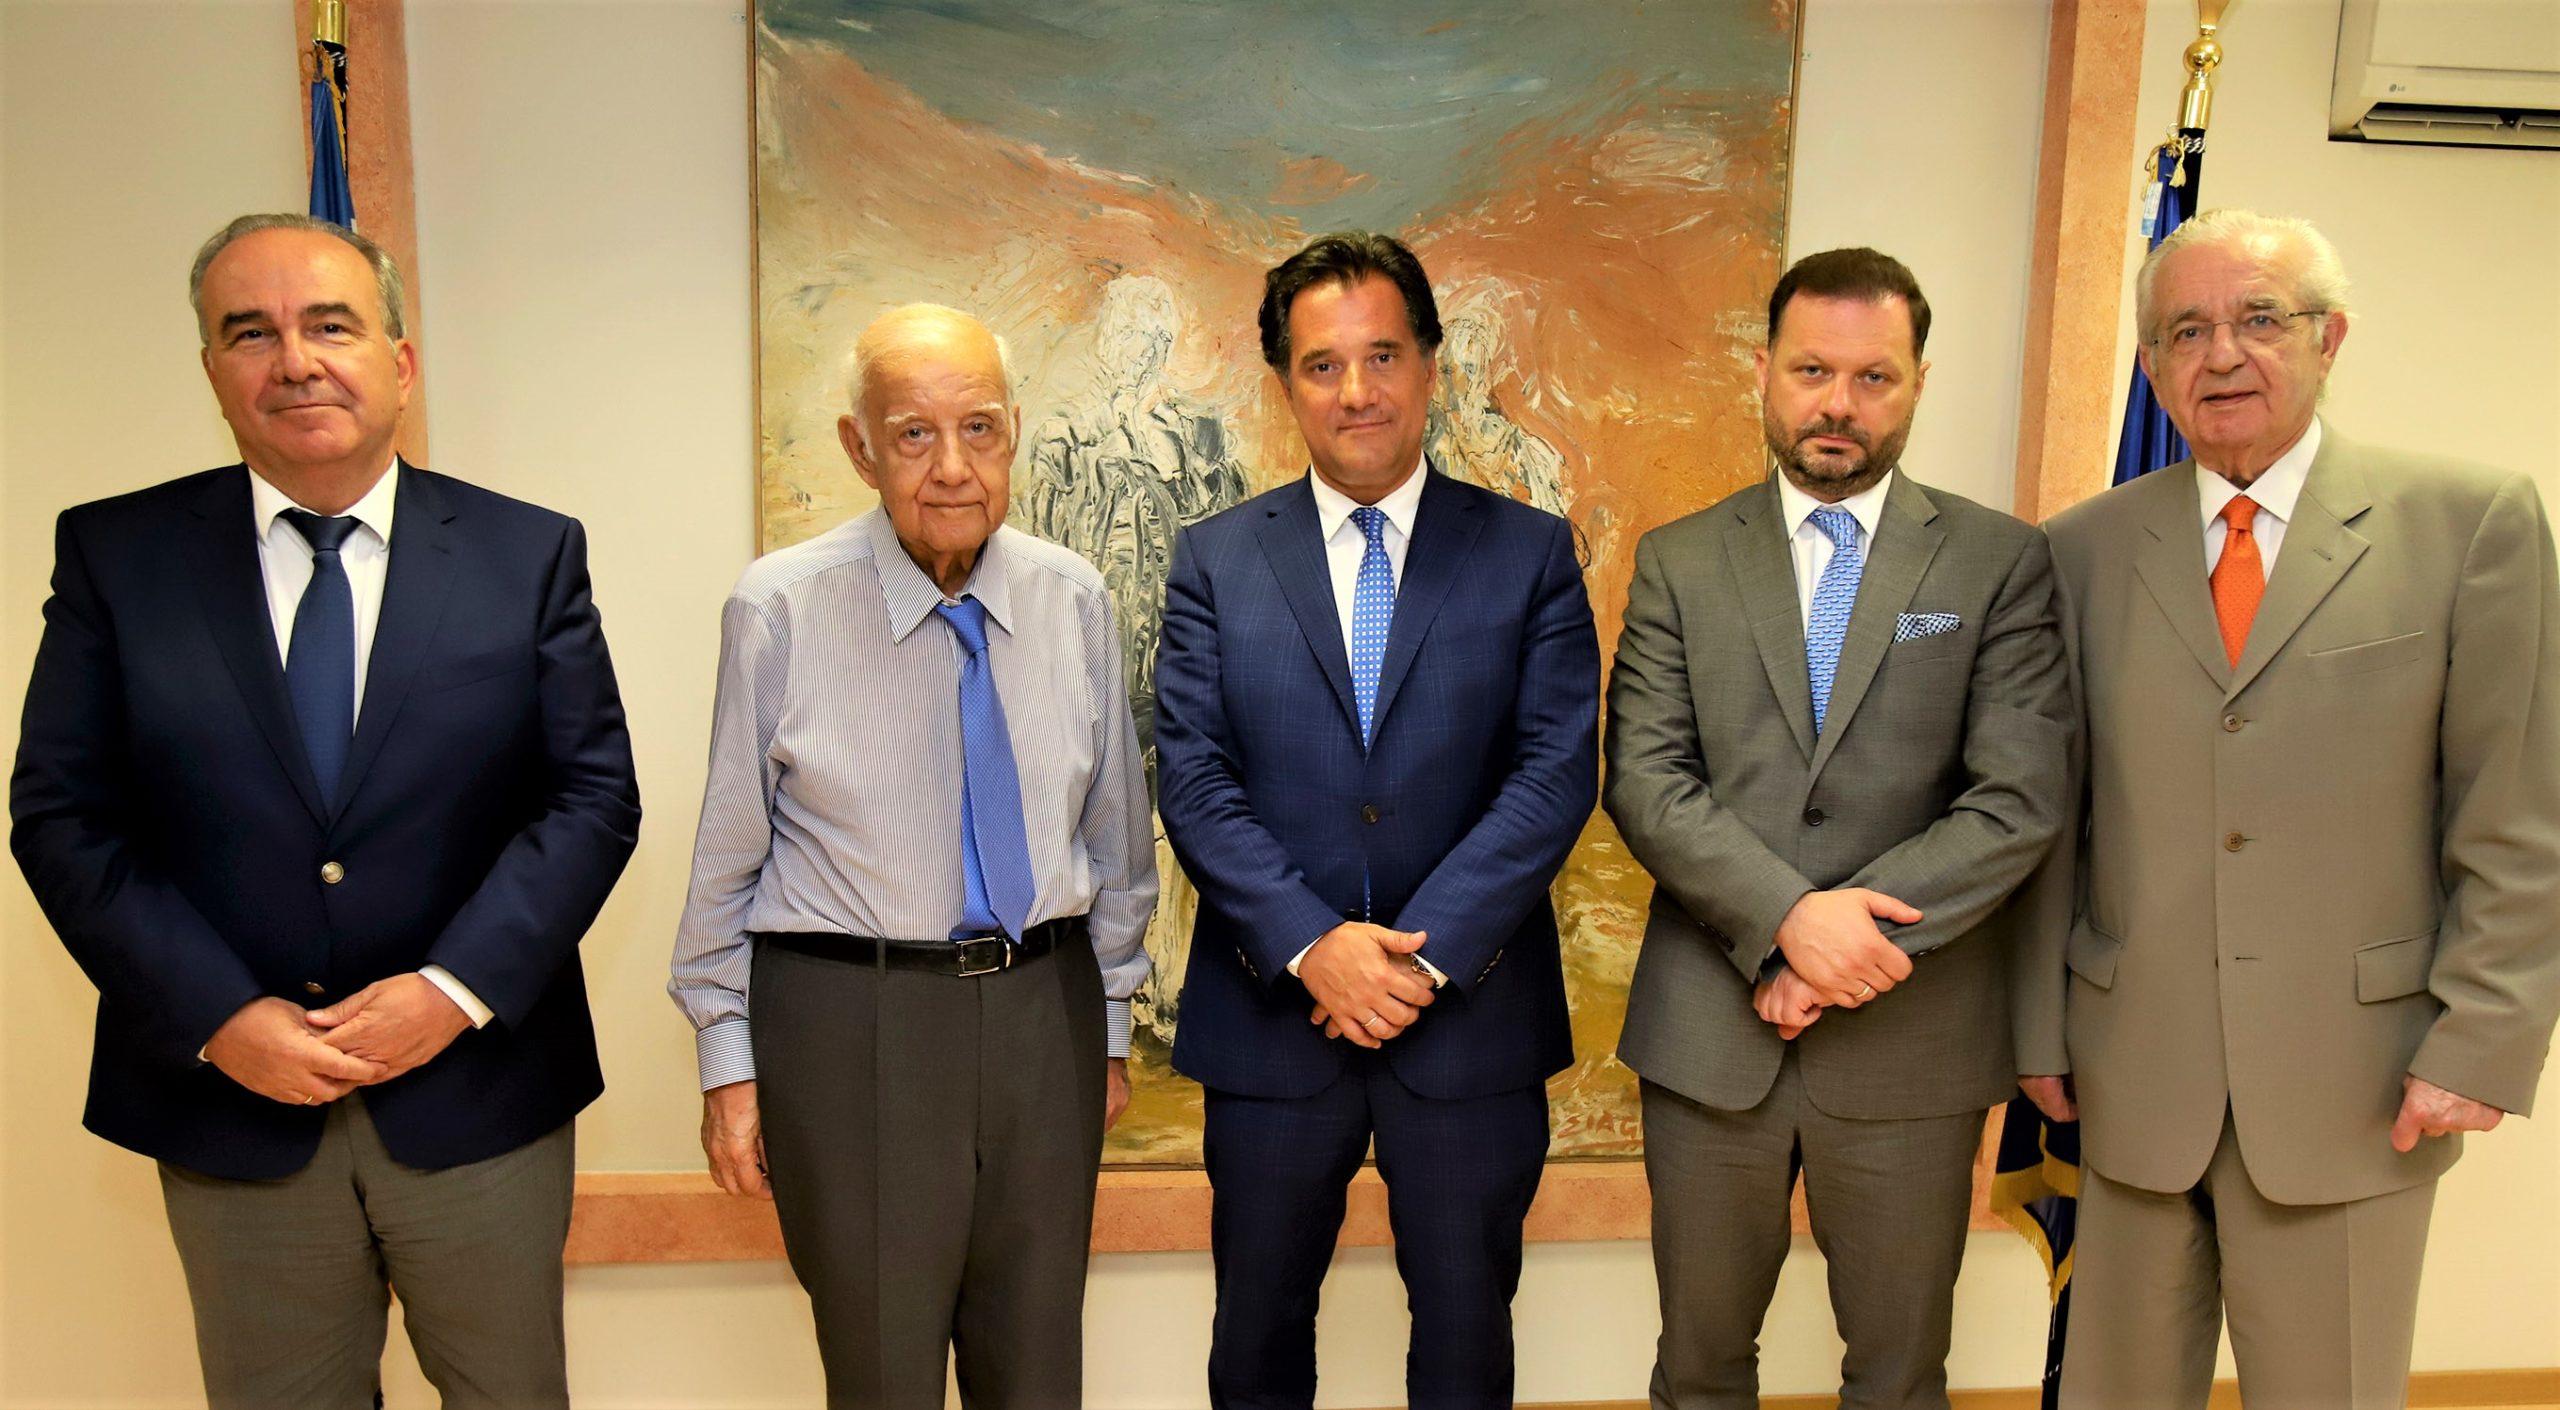 Συνάντηση του Υπουργού Ανάπτυξης και Επενδύσεων, κ Άδωνι Γεωργιάδη και του Υφυπουργού, κ. Νίκου Παπαθανάση για την εξεύρεση λύσης για την εξυγίανση των Ναυπηγείων Ελευσίνας